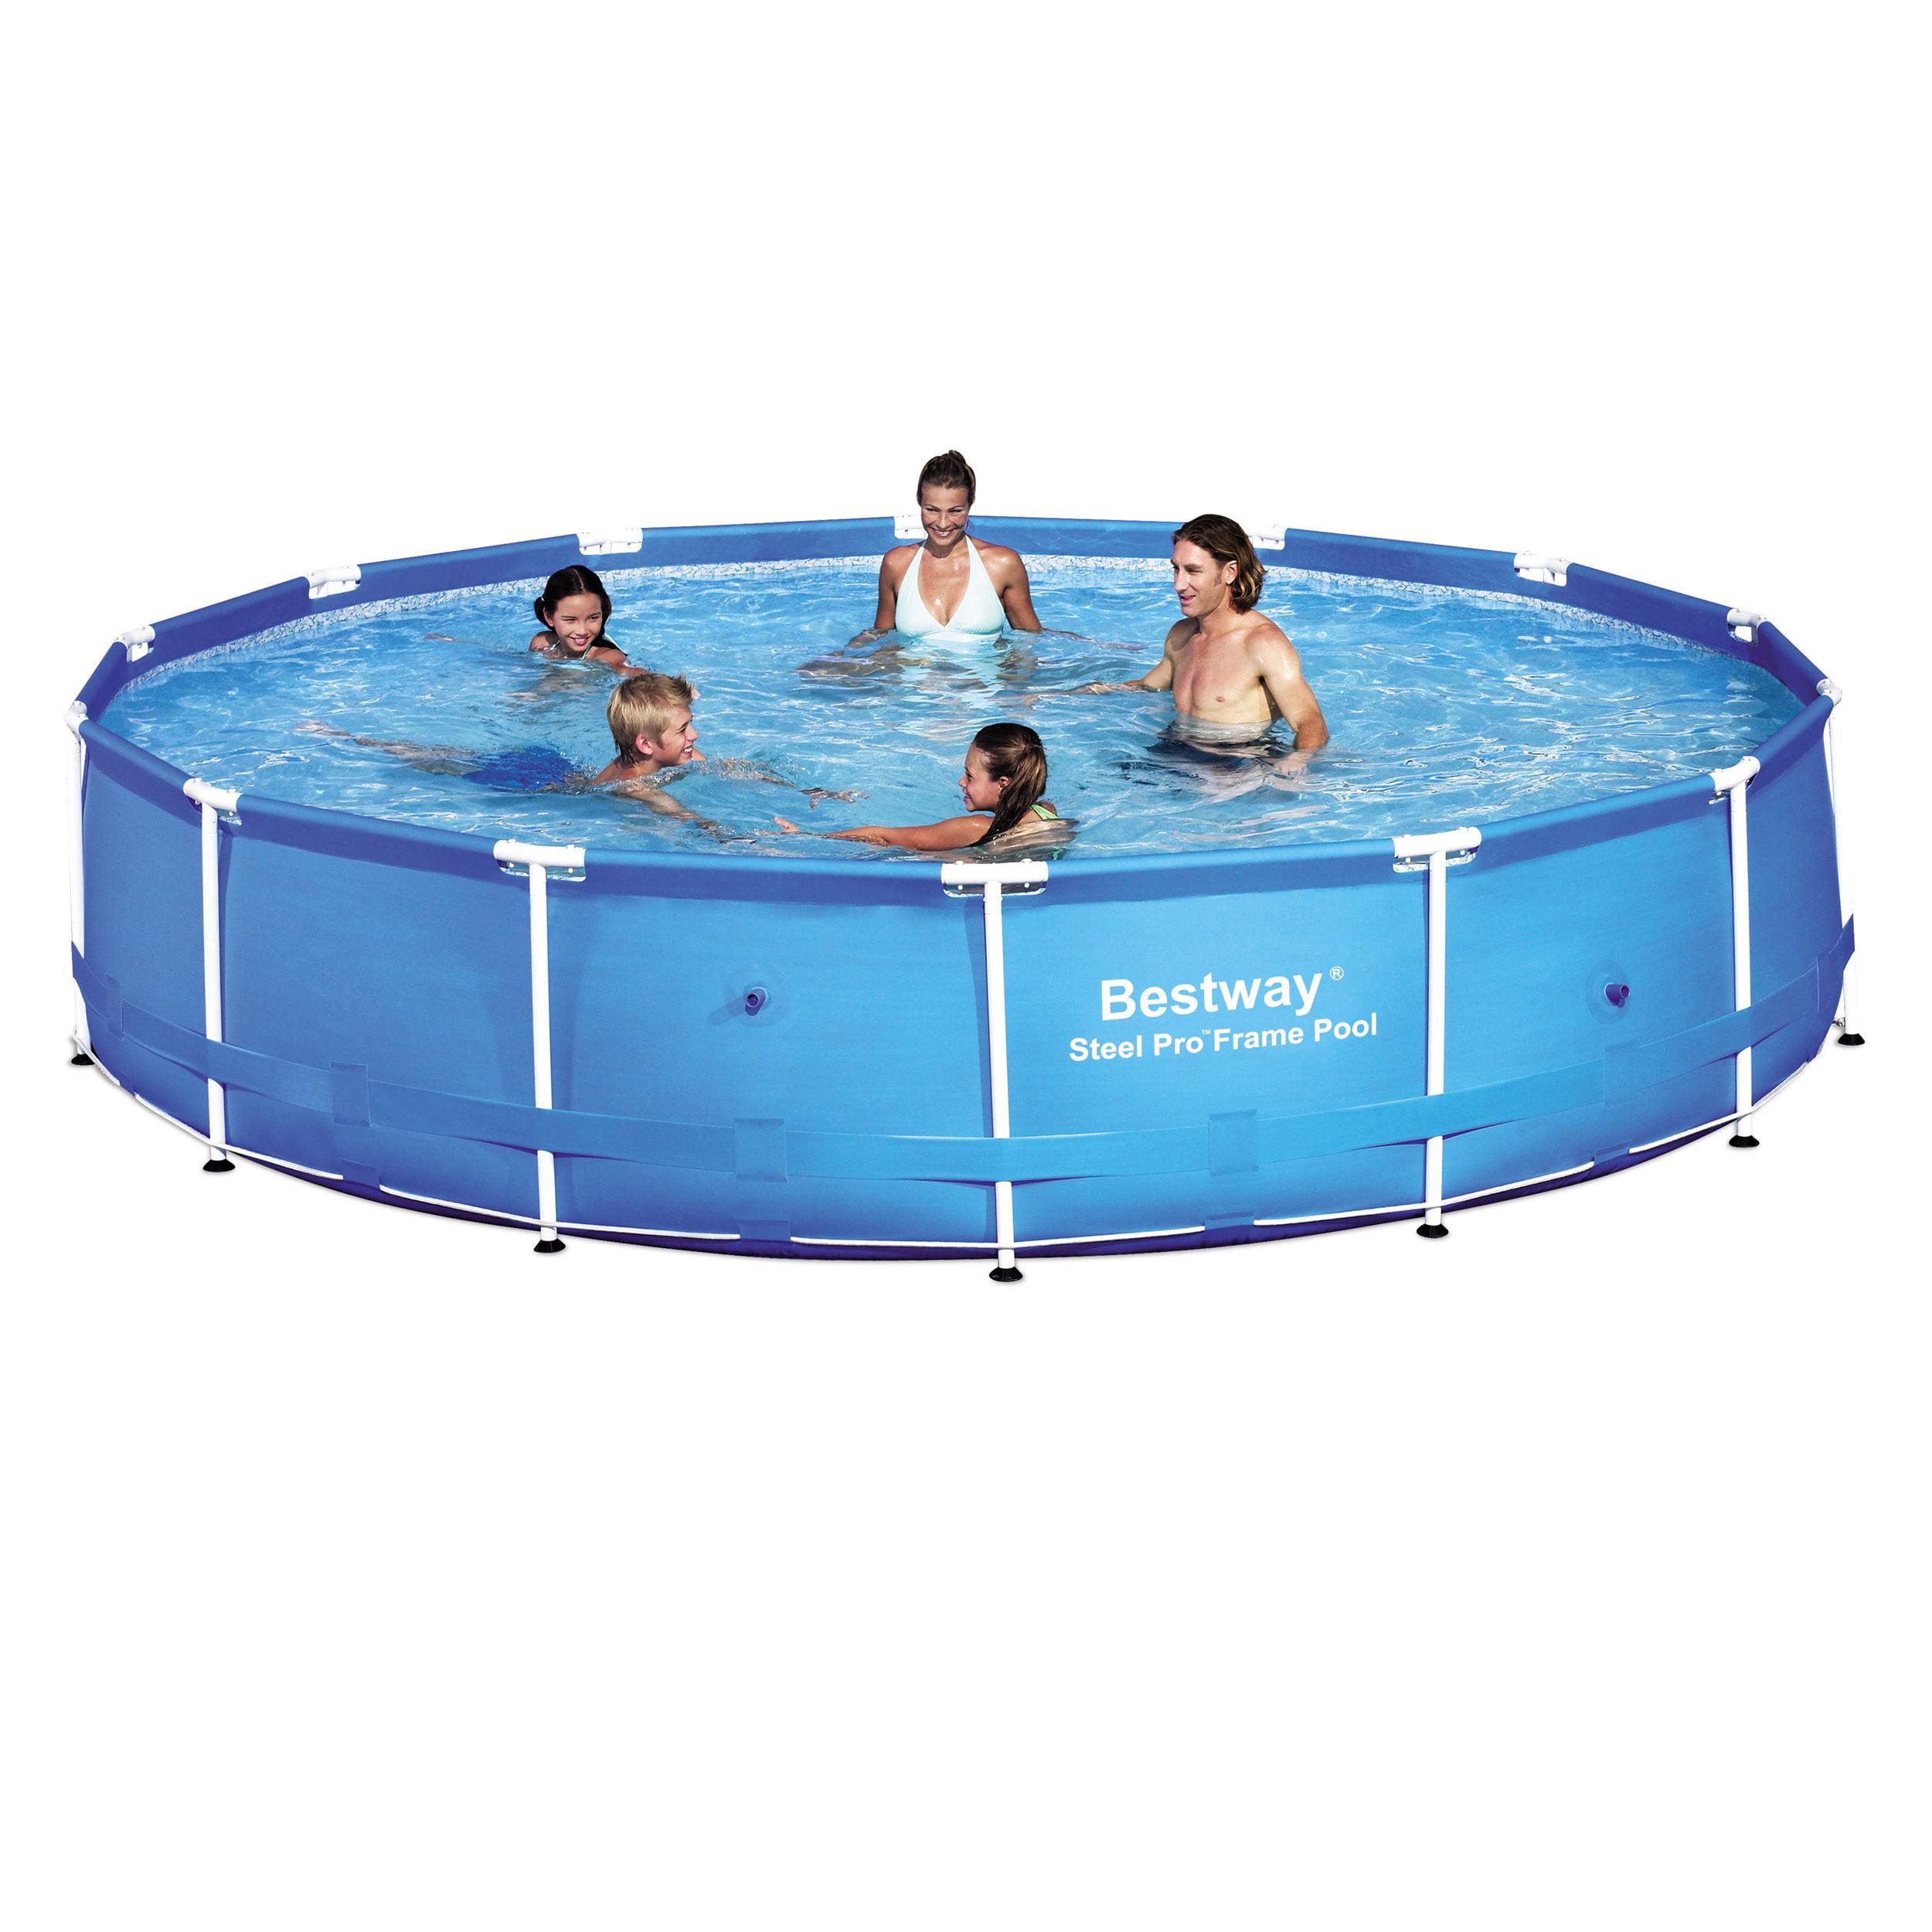 Bestway Steel Frame Pool - Walmart.com